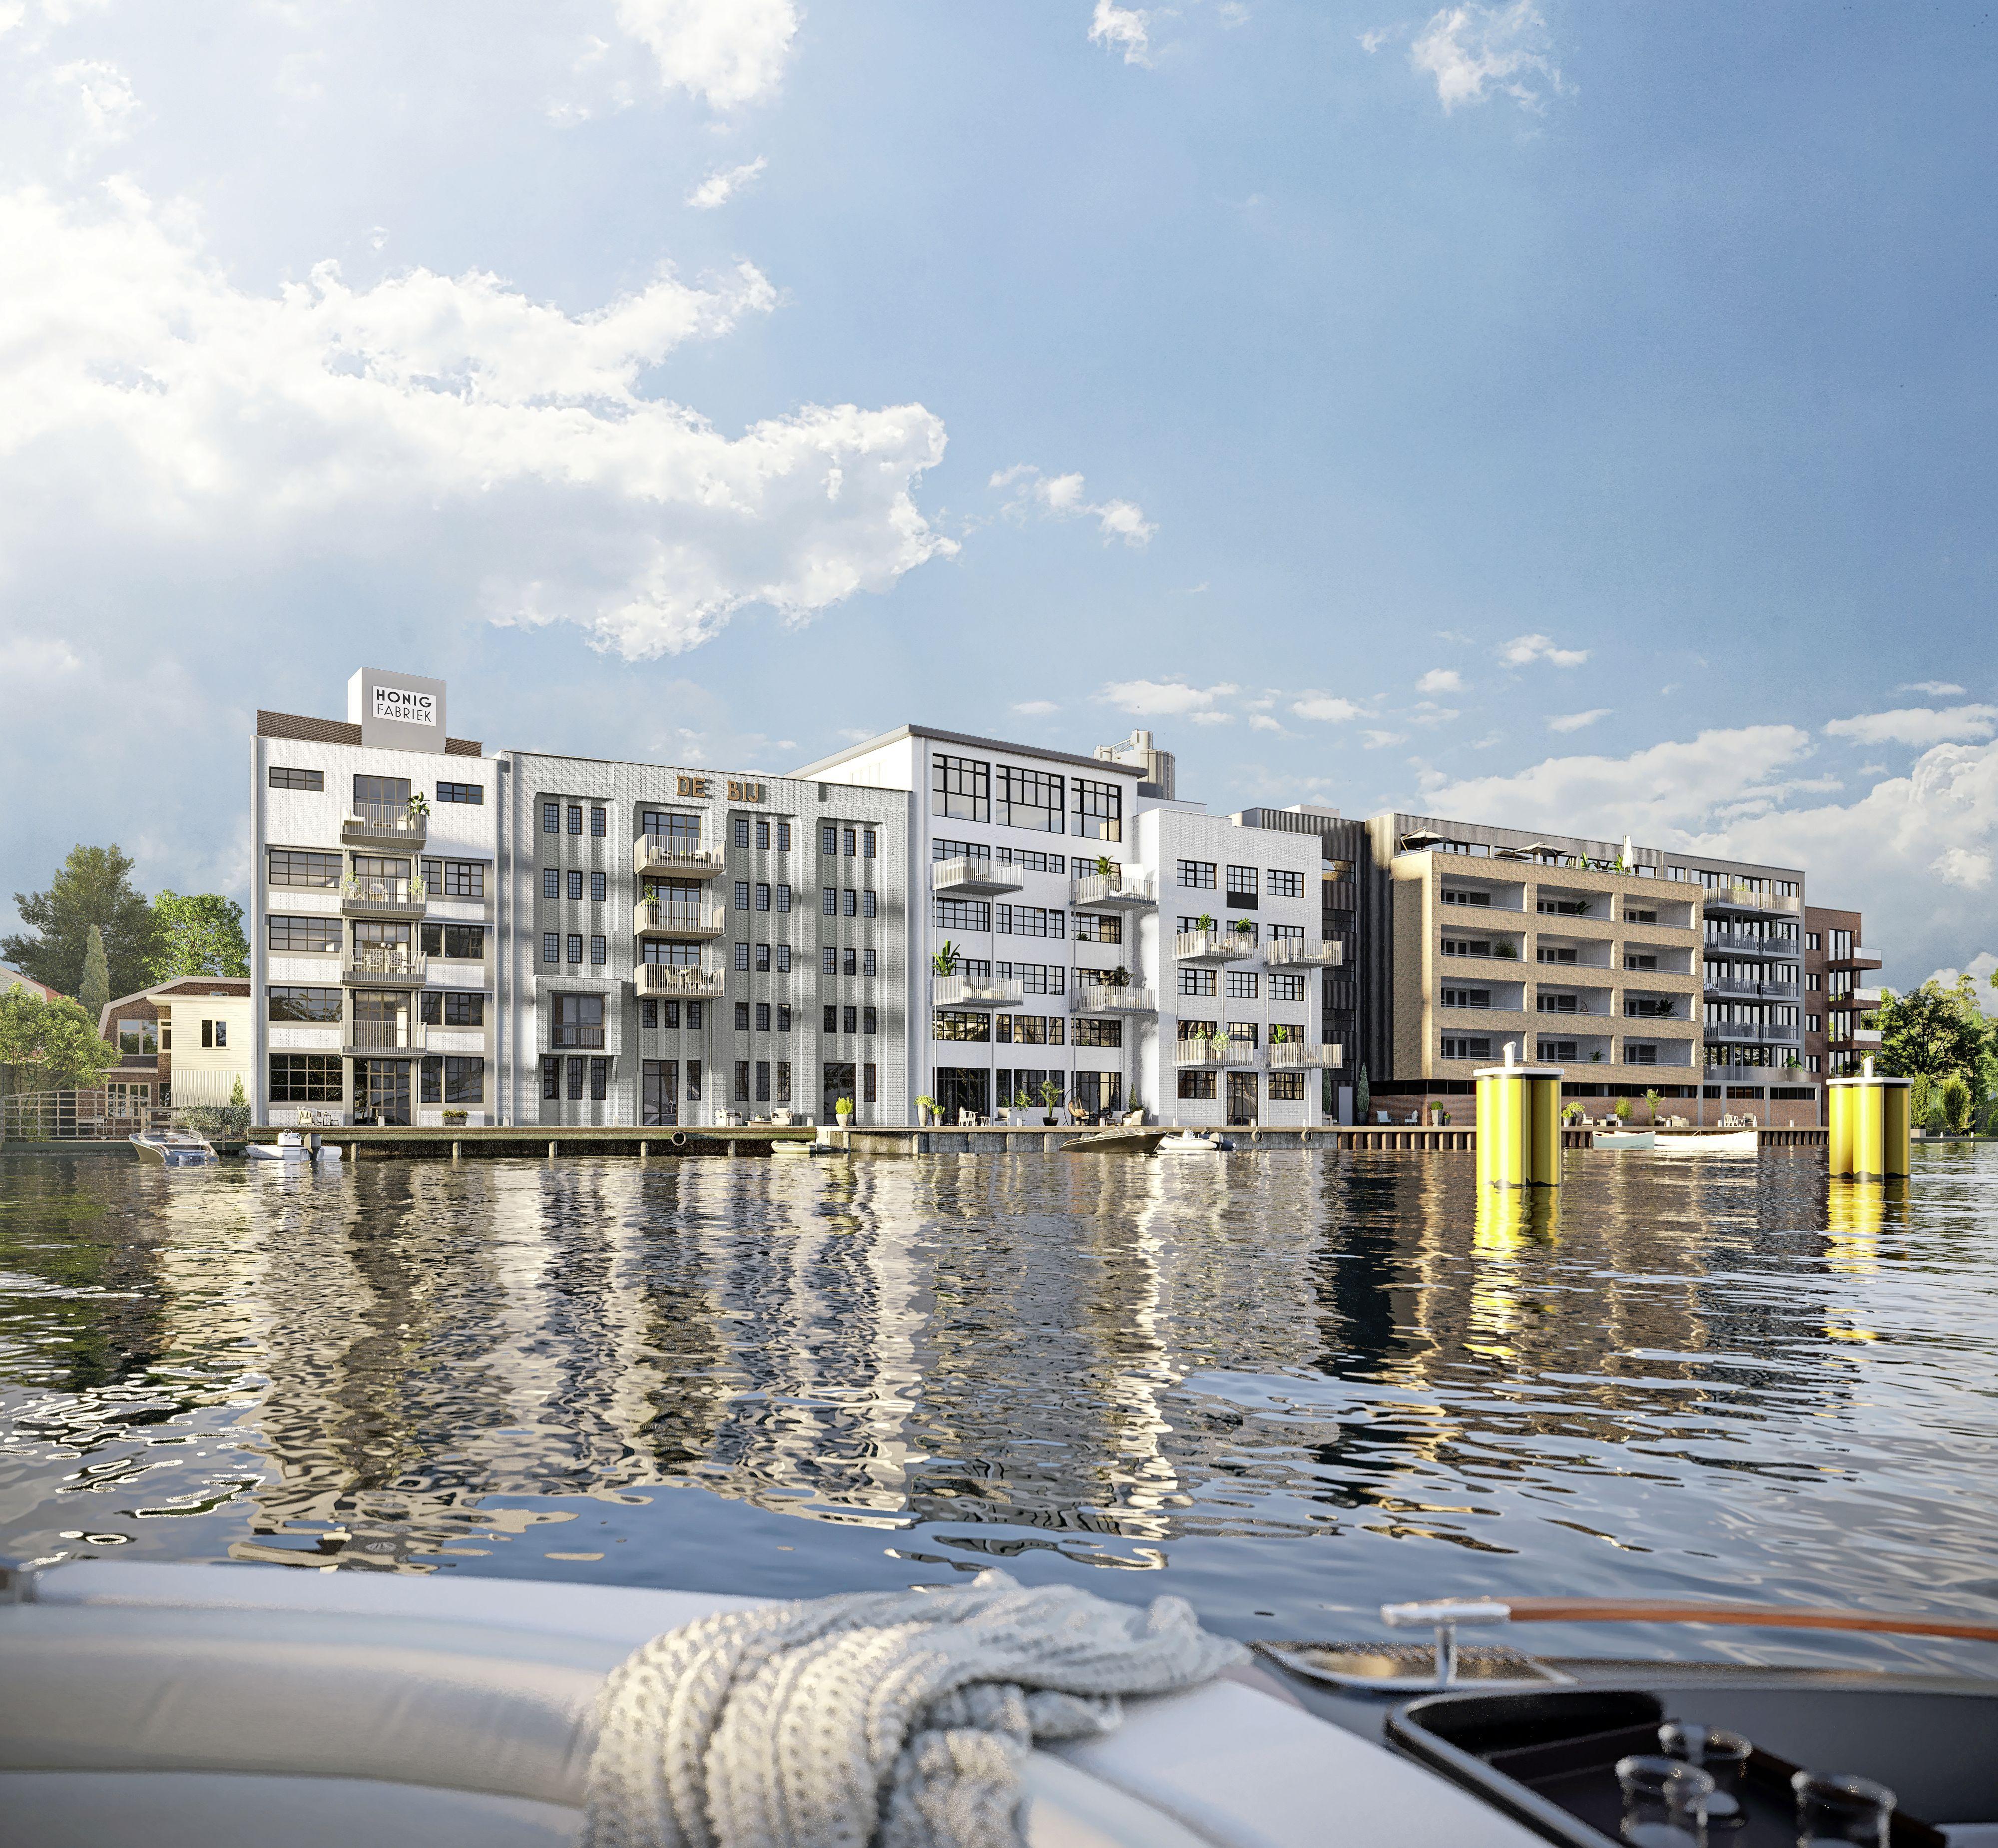 Ontwikkelaar hoopt dit najaar te beginnen met verbouwen monumentale Honigfabriek in Koog aan de Zaan. 'Die lofts worden heel hippe dingen'